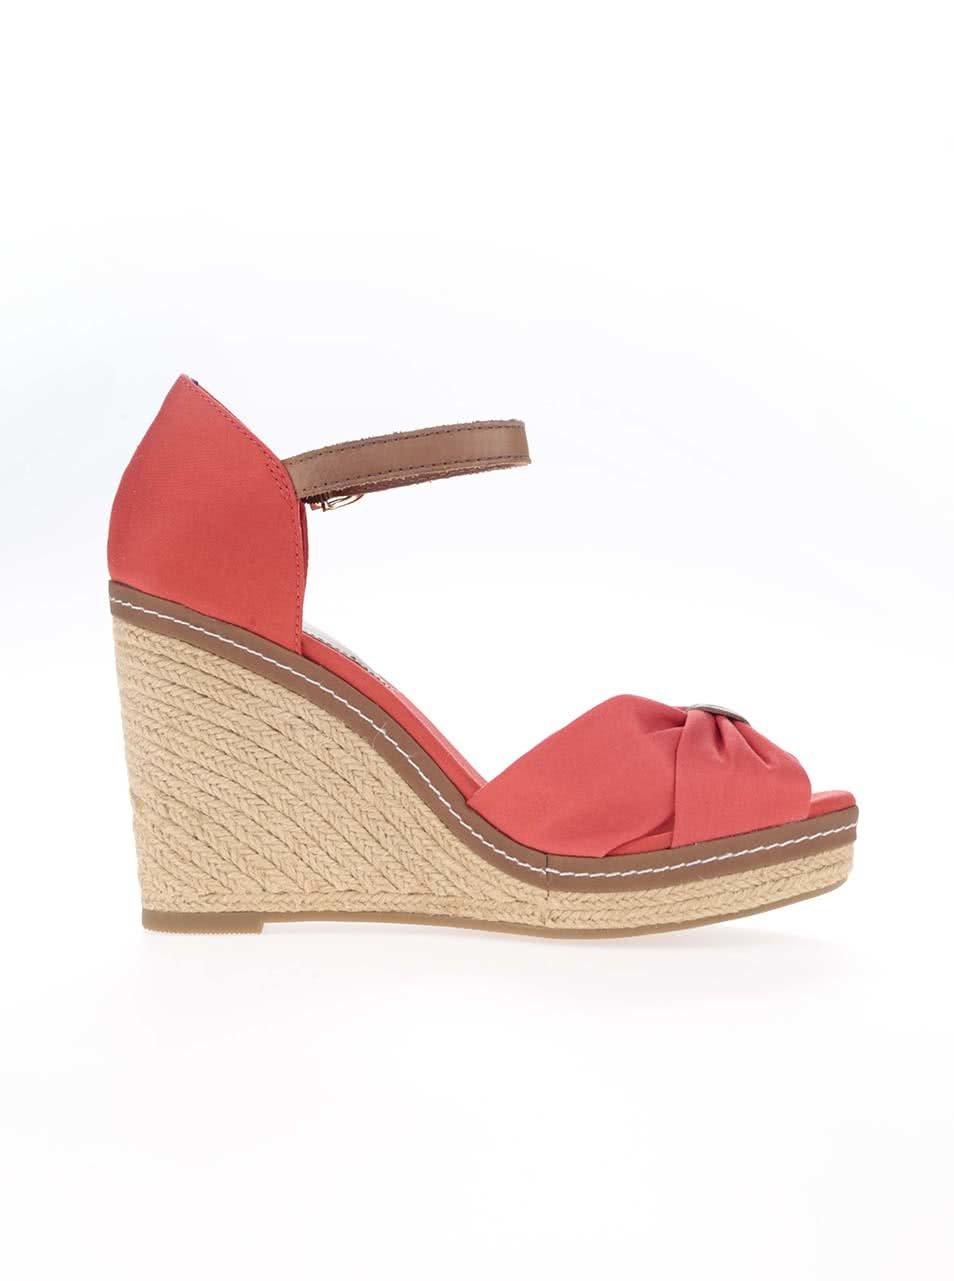 4b5848335958e Červené dámske topánky na platforme Tommy Hilfiger | ZOOT.sk